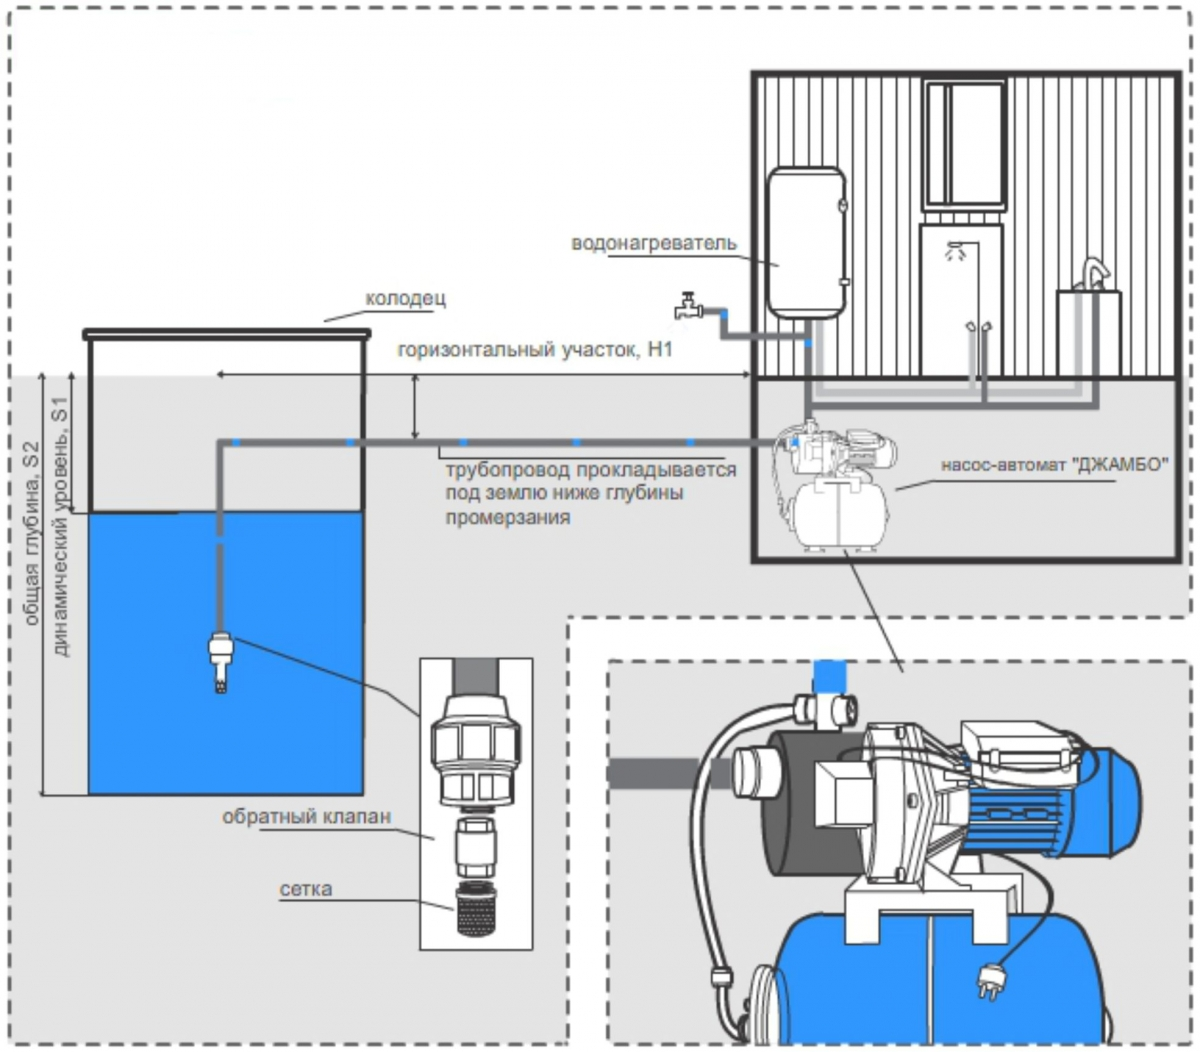 схема частного дома со скважиной и канализацией